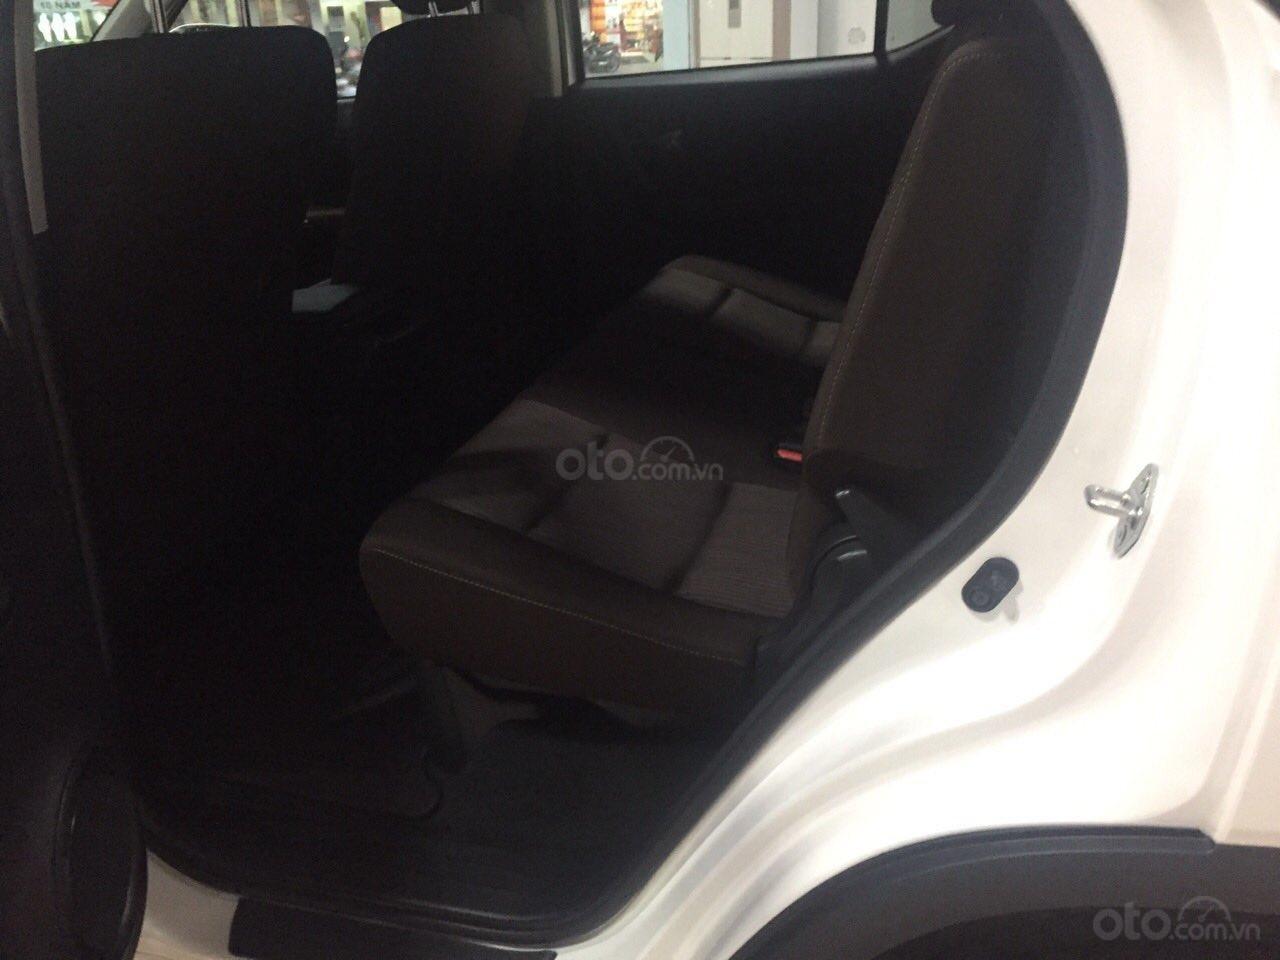 Fortuner 2.4G MT 2019, màu trắng, xe nhập, giao ngay tại Toyota An Thành-3